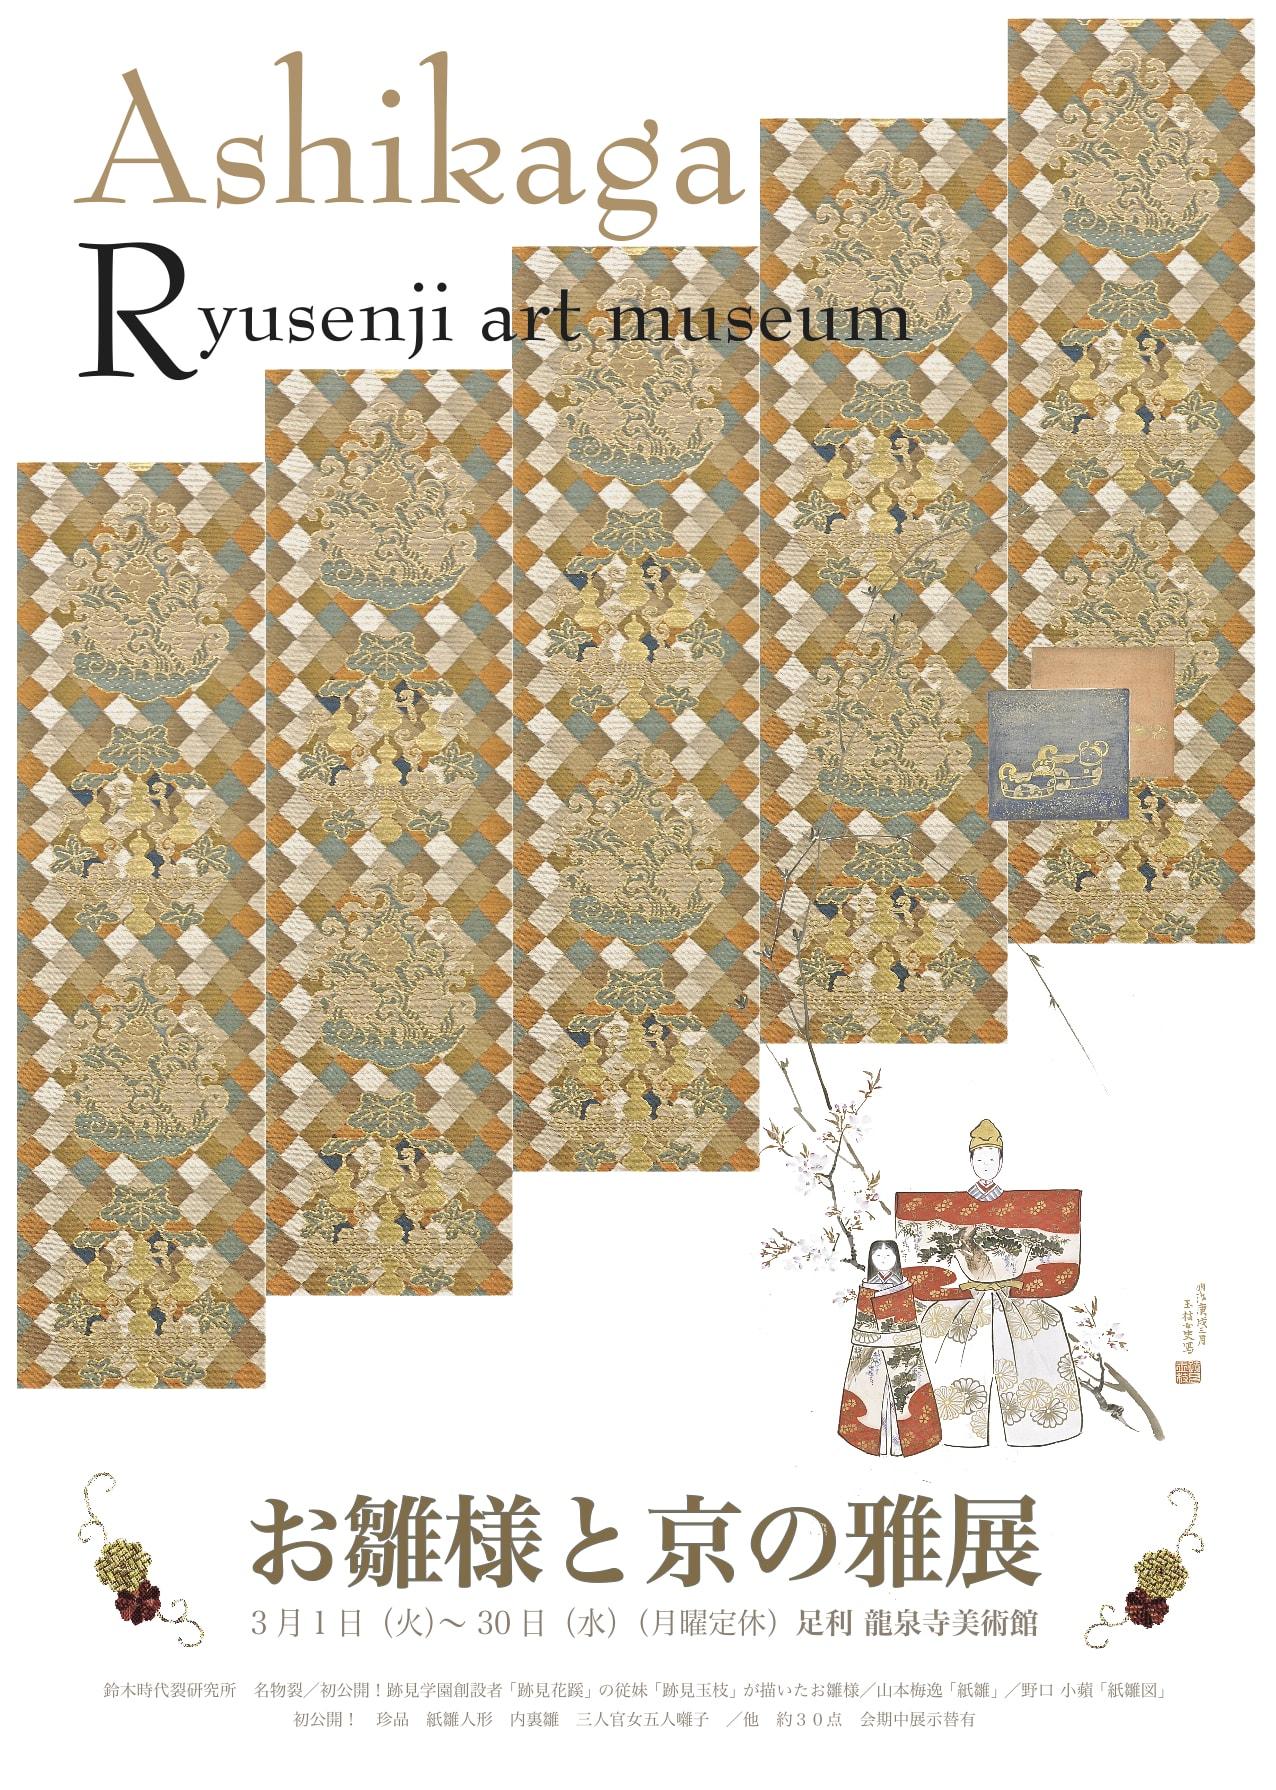 お雛様と京の雅展-min (1)